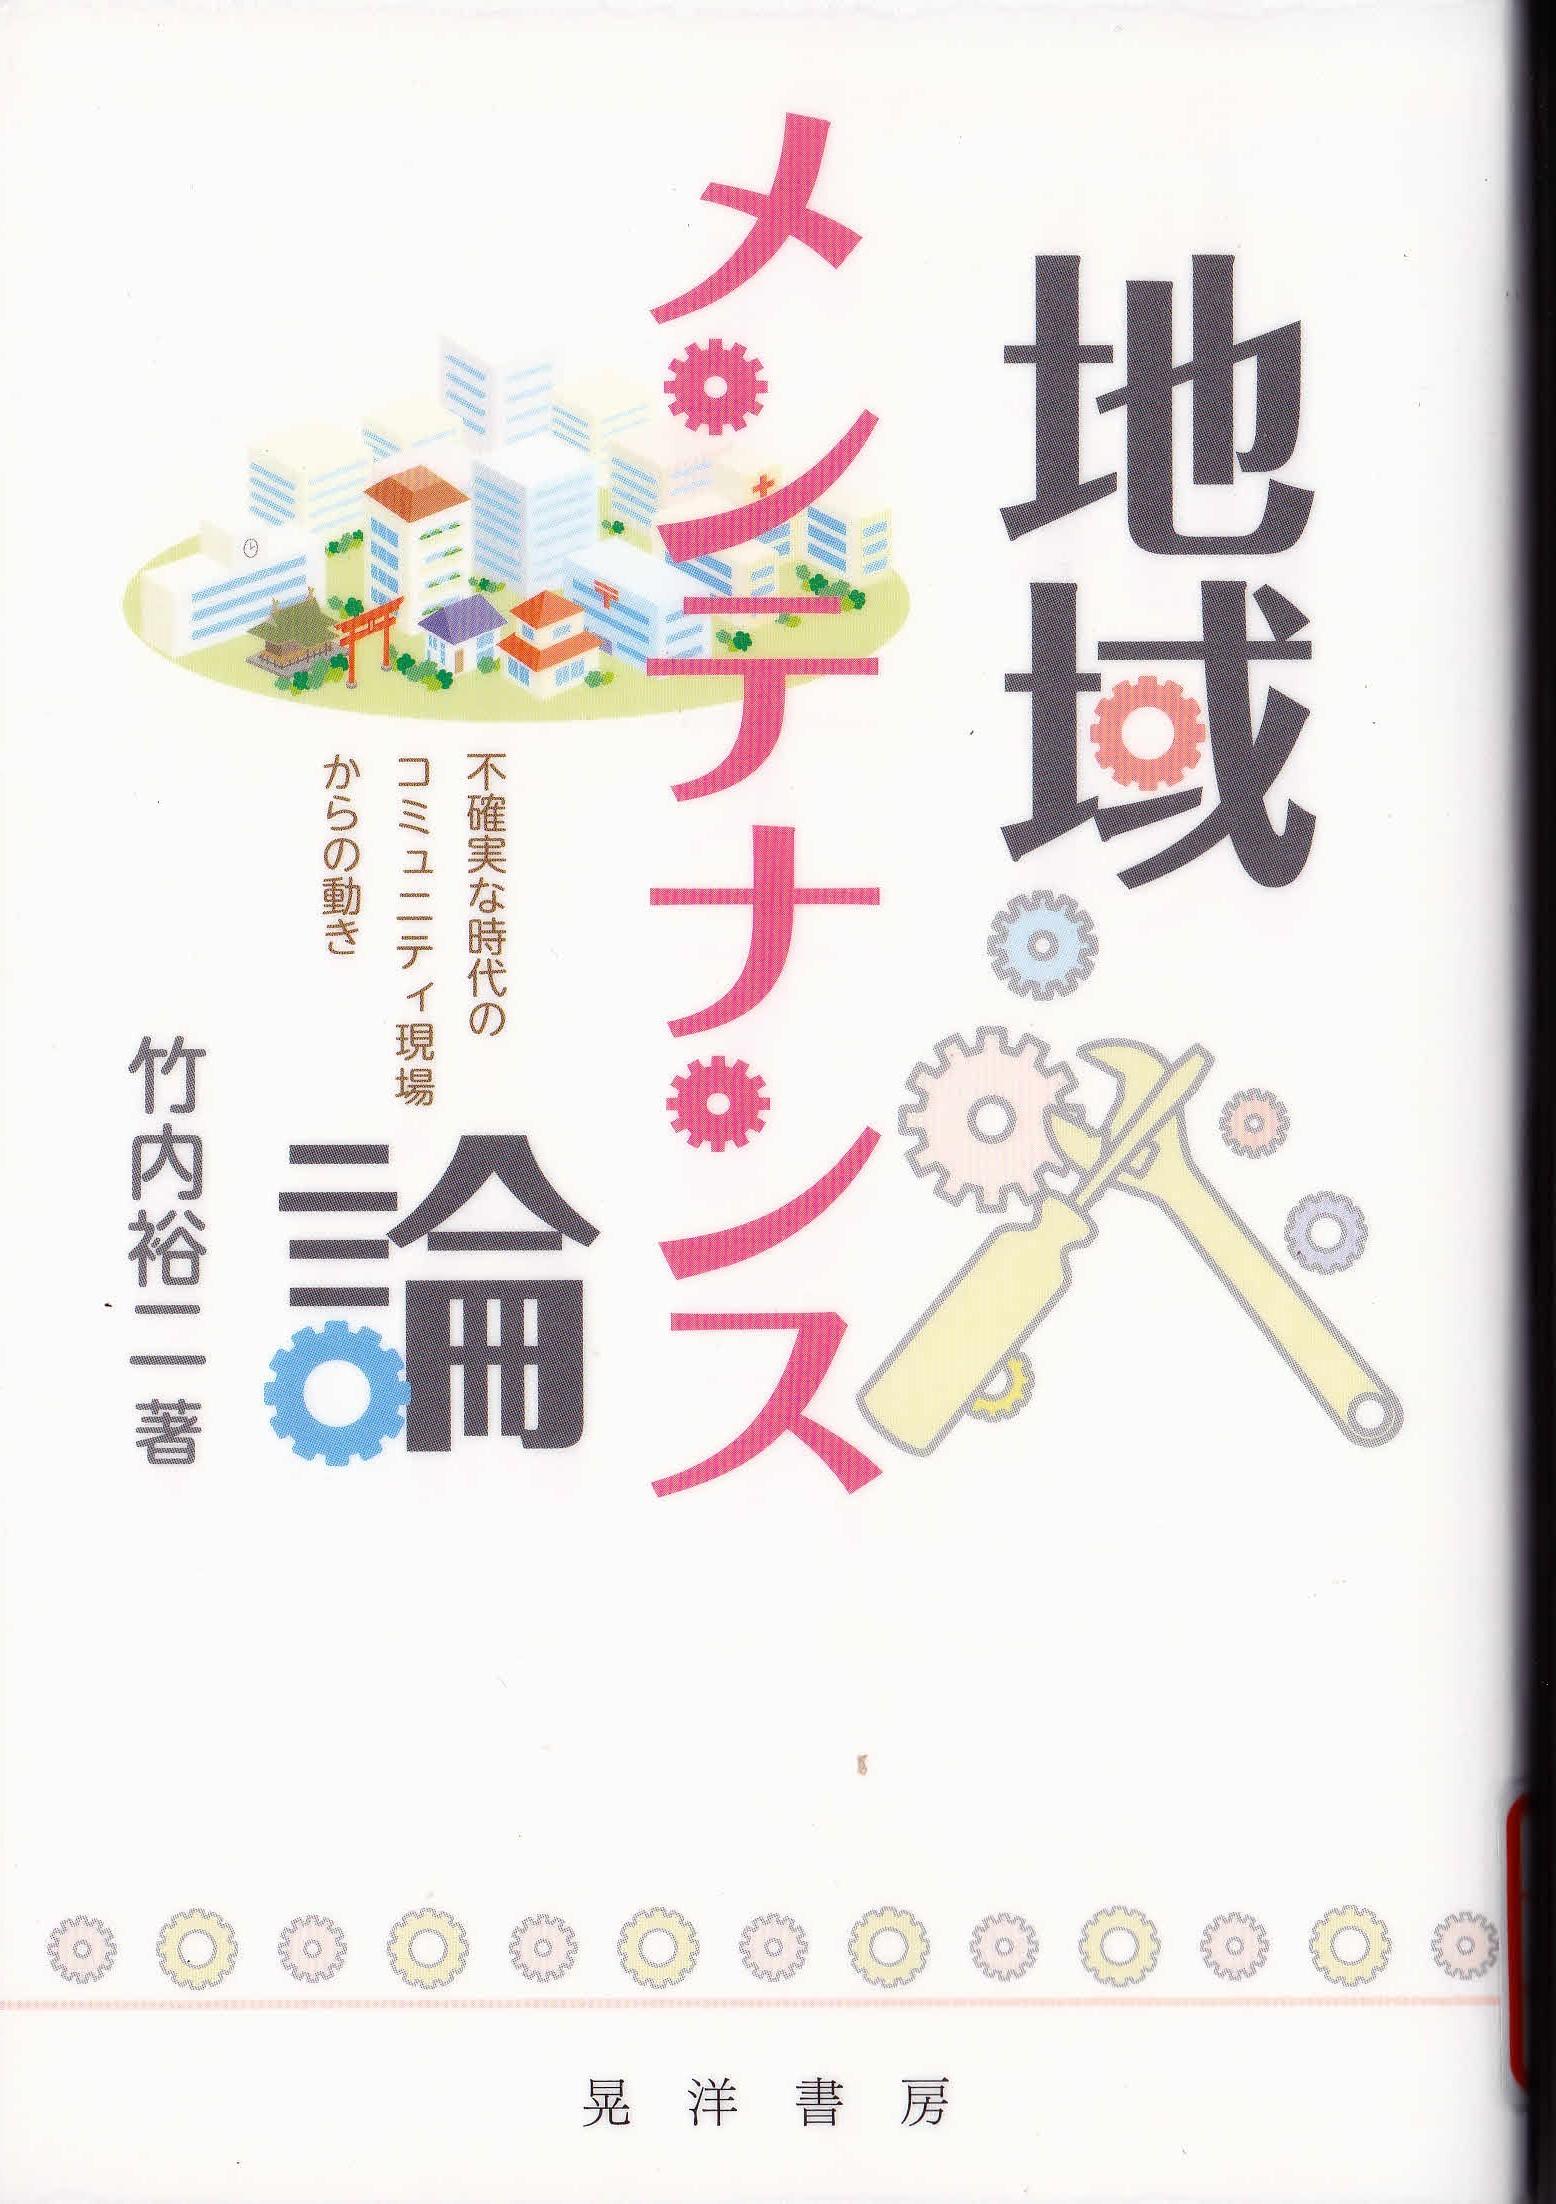 20181008地域振興_0001